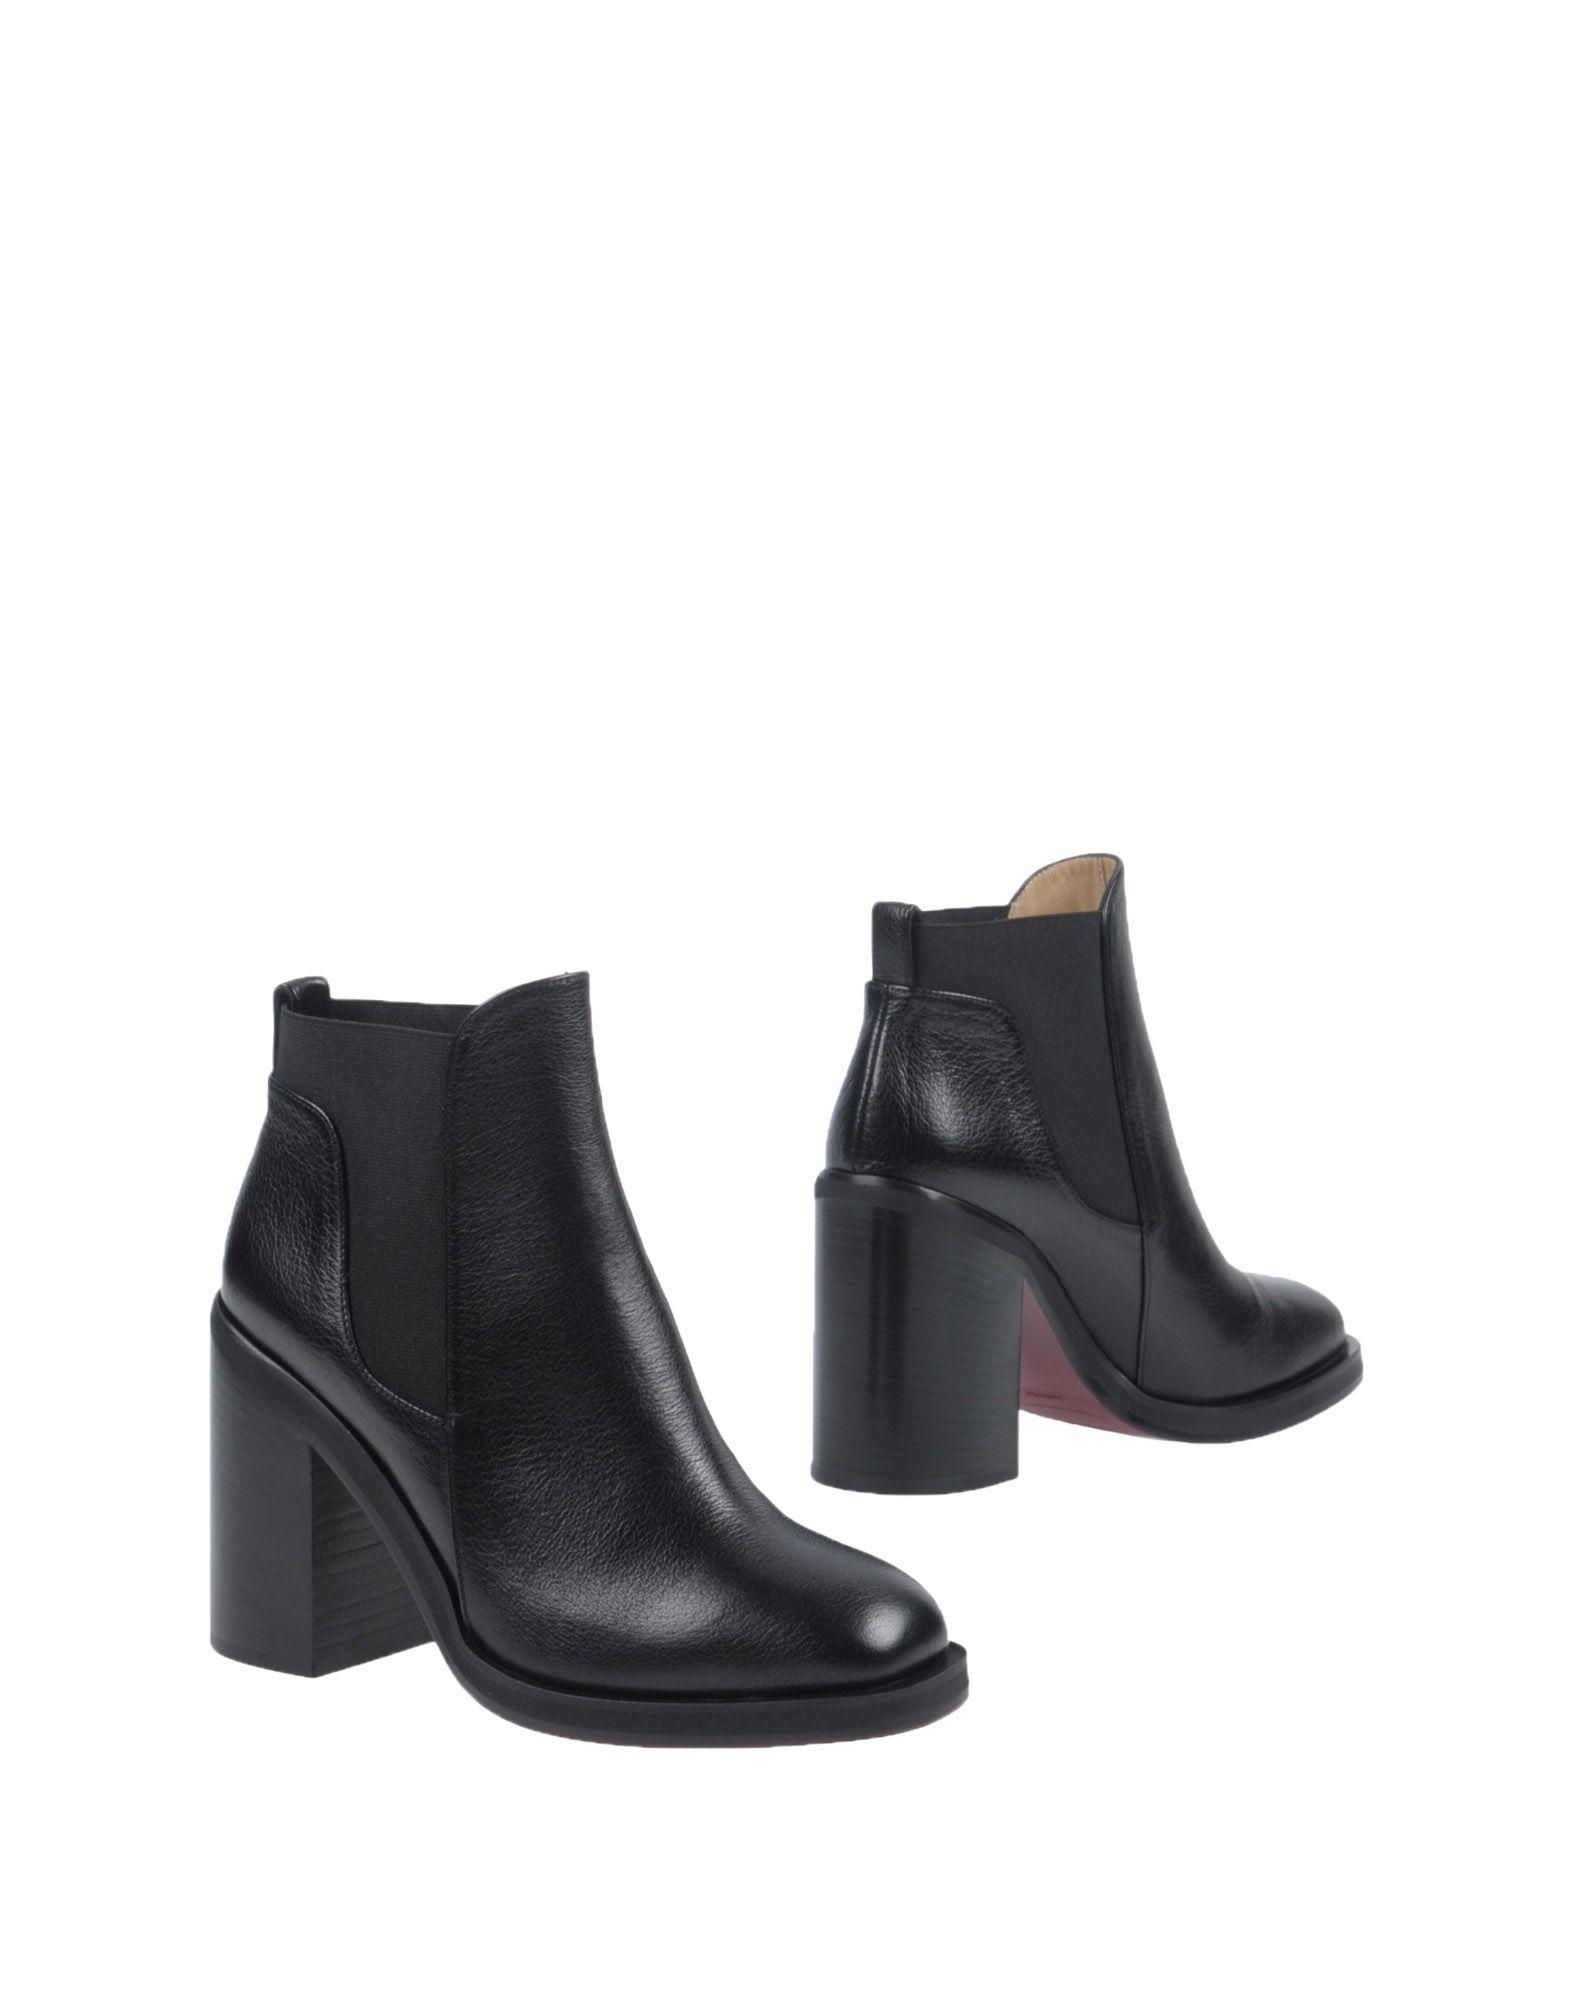 Giorgio Fabiani Chelsea Boots lohnt Damen Gutes Preis-Leistungs-Verhältnis, es lohnt Boots sich,Sonderangebot-3375 a251d3